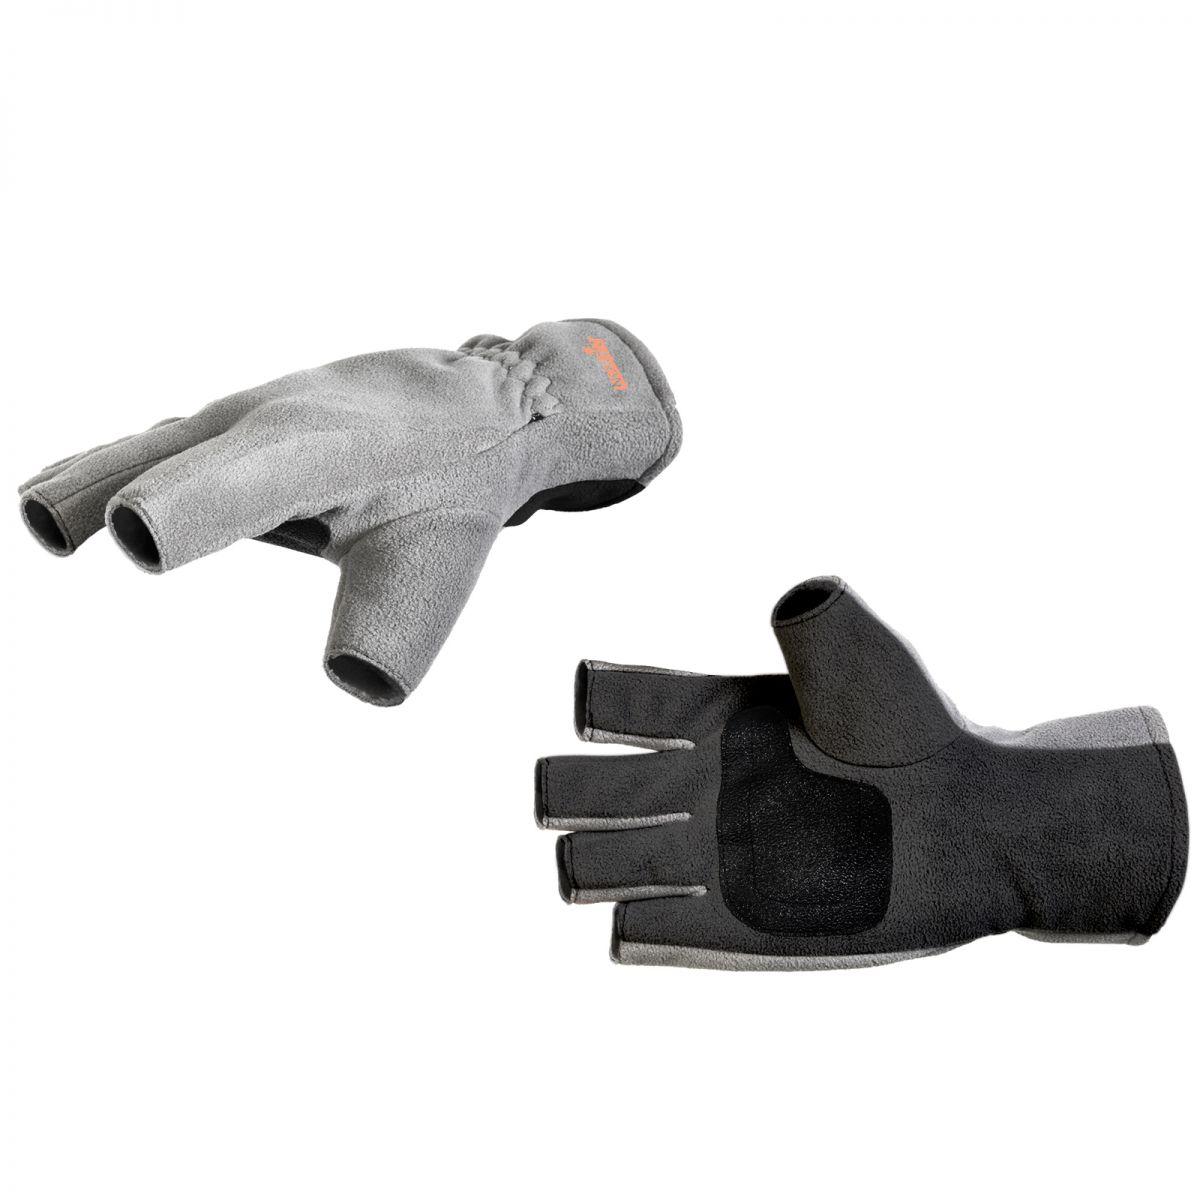 Перчатки варежки мужские Norfin Point, серые/черные, XXL